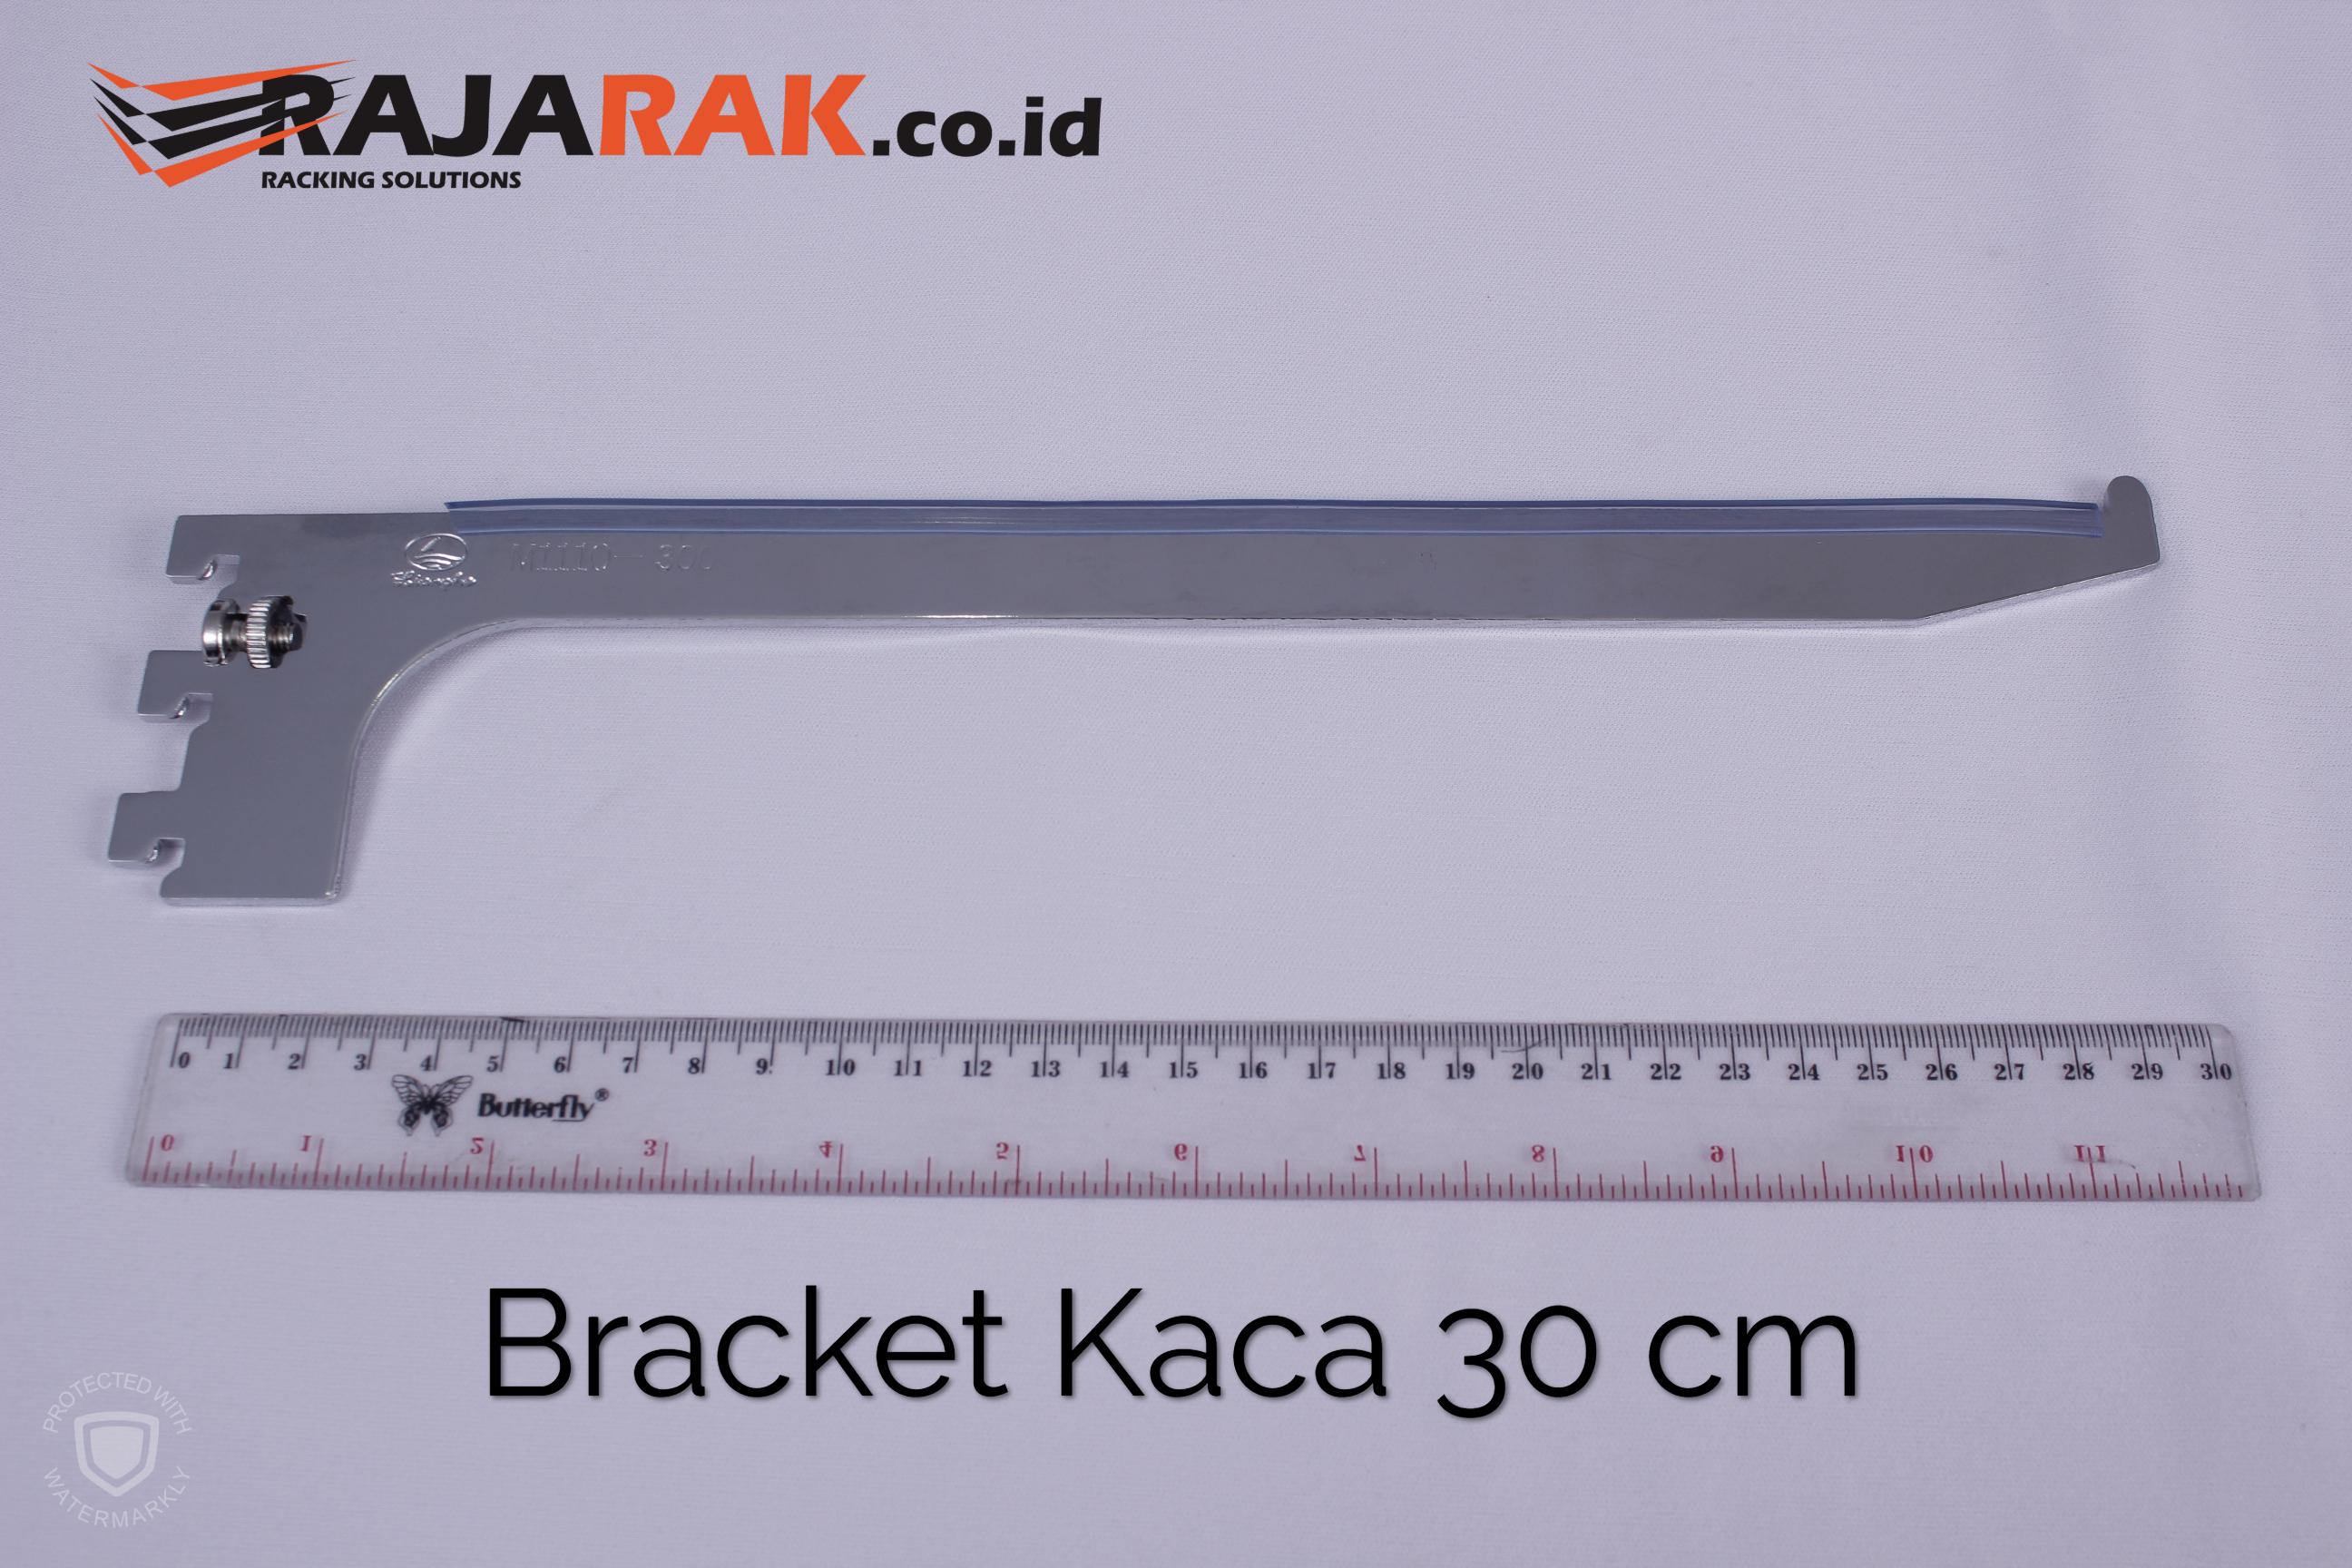 Daun Bracket Kaca 30 cm Tebal 3 mm Warna Chrome